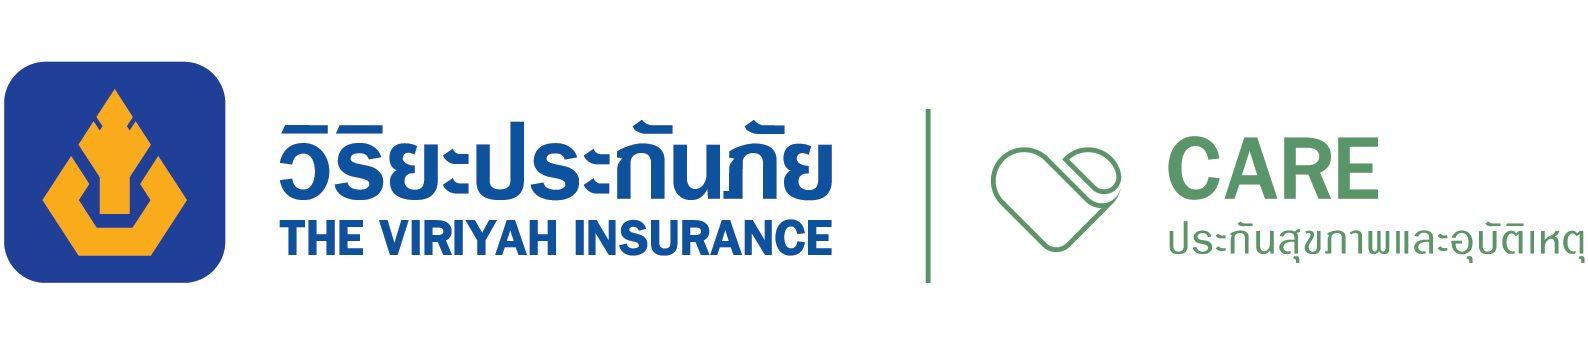 บริษัท วิริยะประกันภัย จำกัด (มหาชน) logo